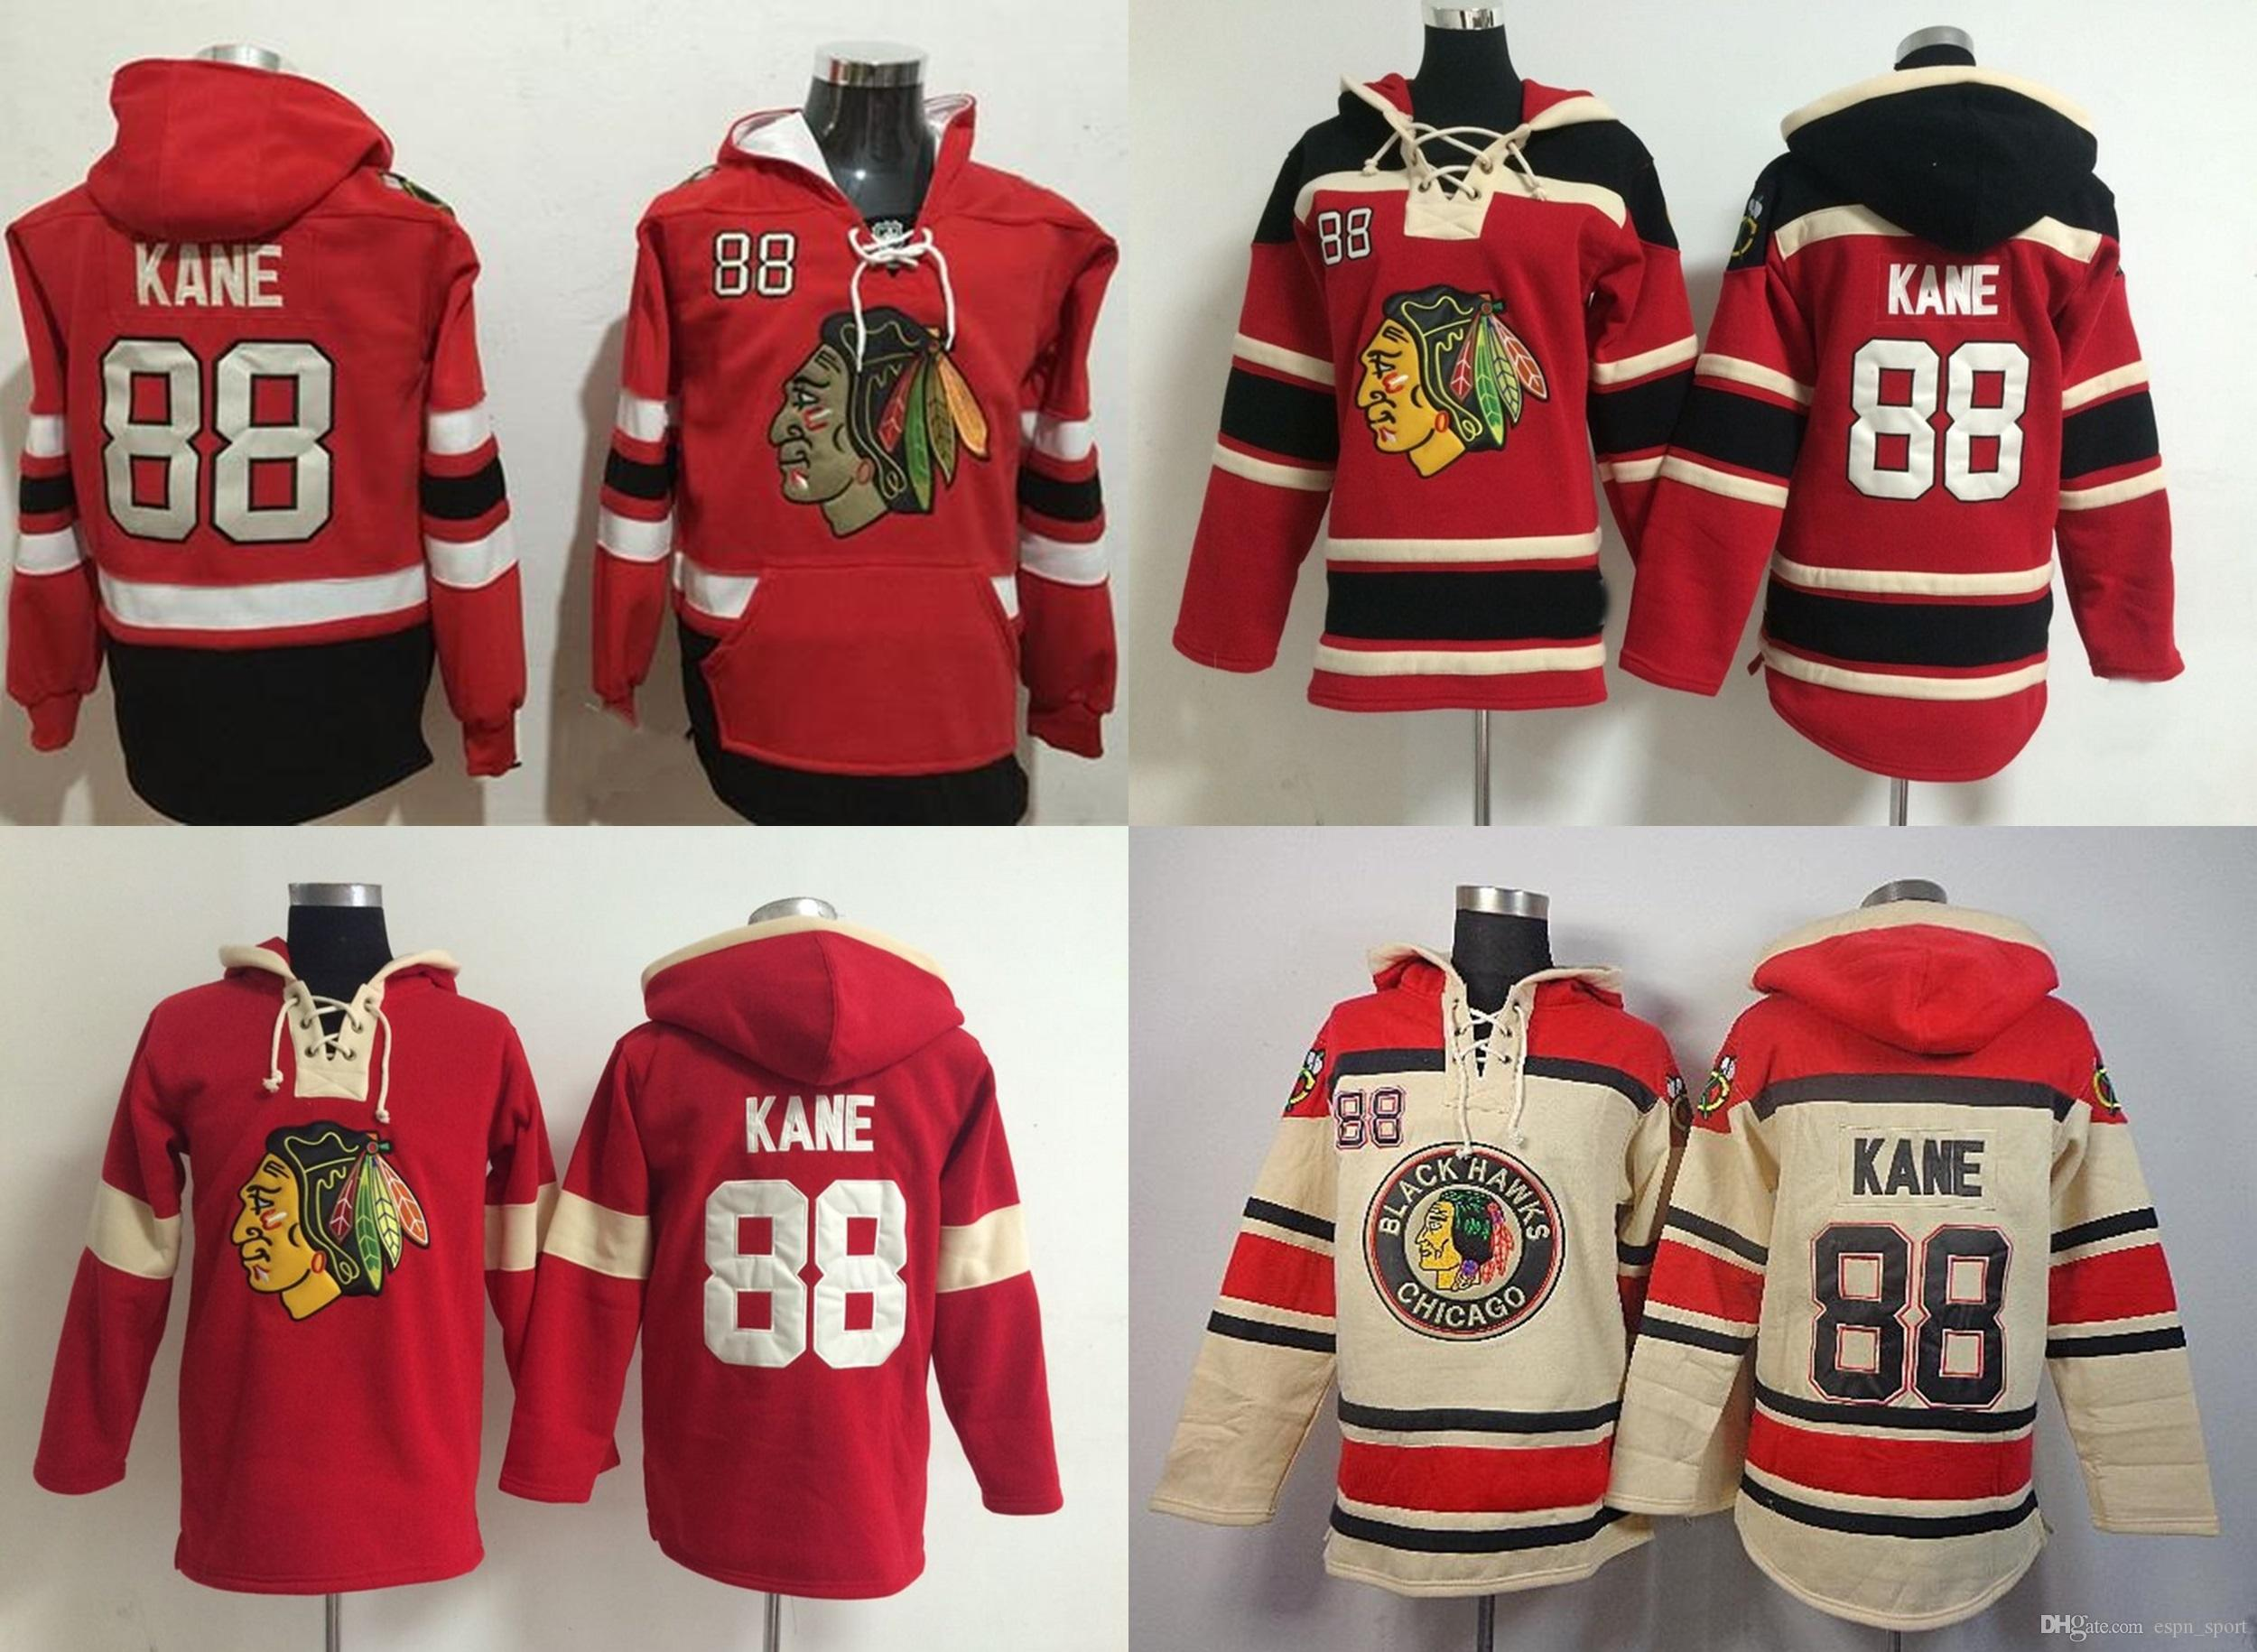 9eee016d5 ... promo code for best 2015 chicago blackhawks hoodies mens 88 patrick kane  red beige ice hockey